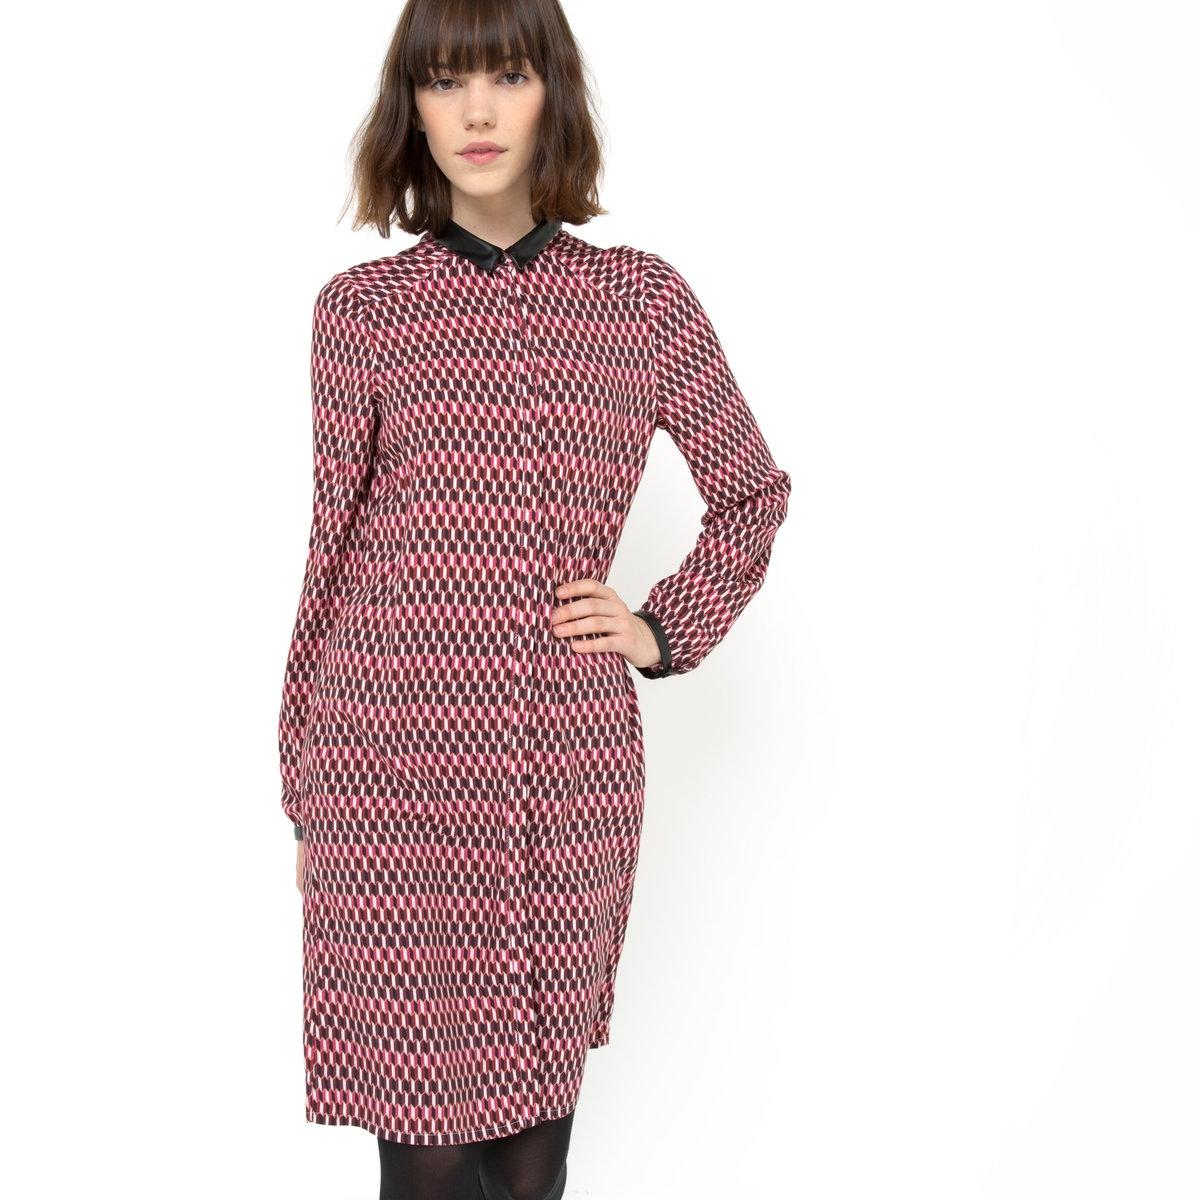 Платье из вискозыПлатье-рубашка MADEMOISELLE R. Графический принт на розовом фоне. Длинные рукава. Маленький воротник, манжеты из искусственной кожи с застежкой на пуговицы. Супатная застежка на пуговицы спереди по всей длине.Платье из 100% вискозы.<br><br>Цвет: набивной рисунок<br>Размер: 34 (FR) - 40 (RUS)